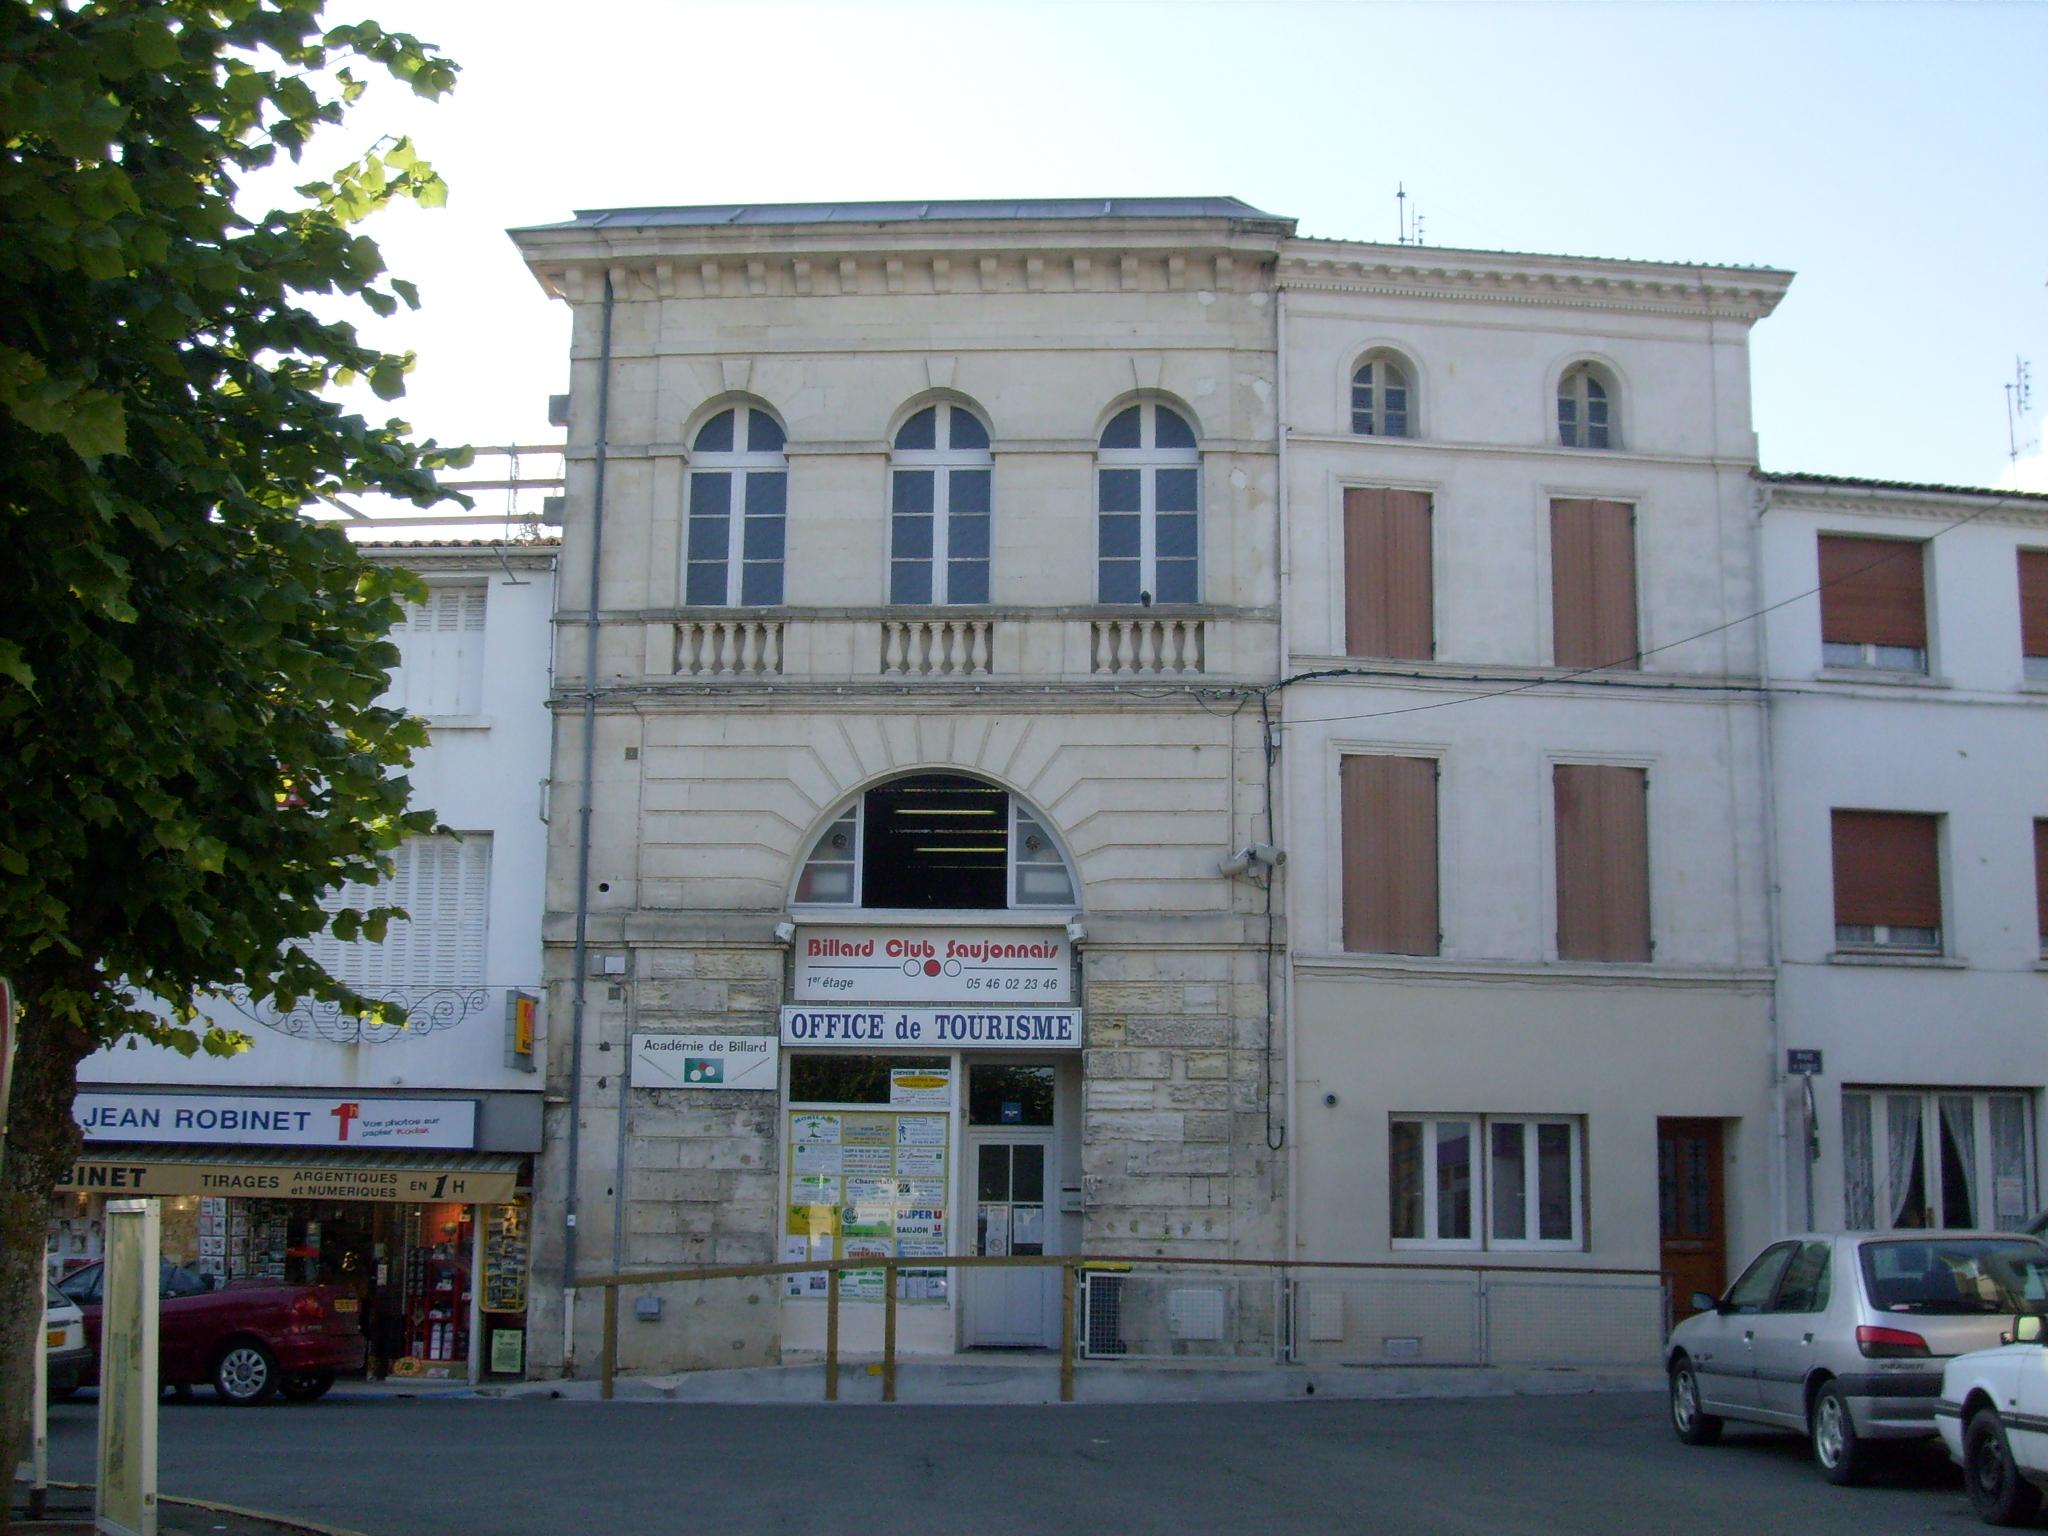 Saujon - Office de tourisme saujon ...